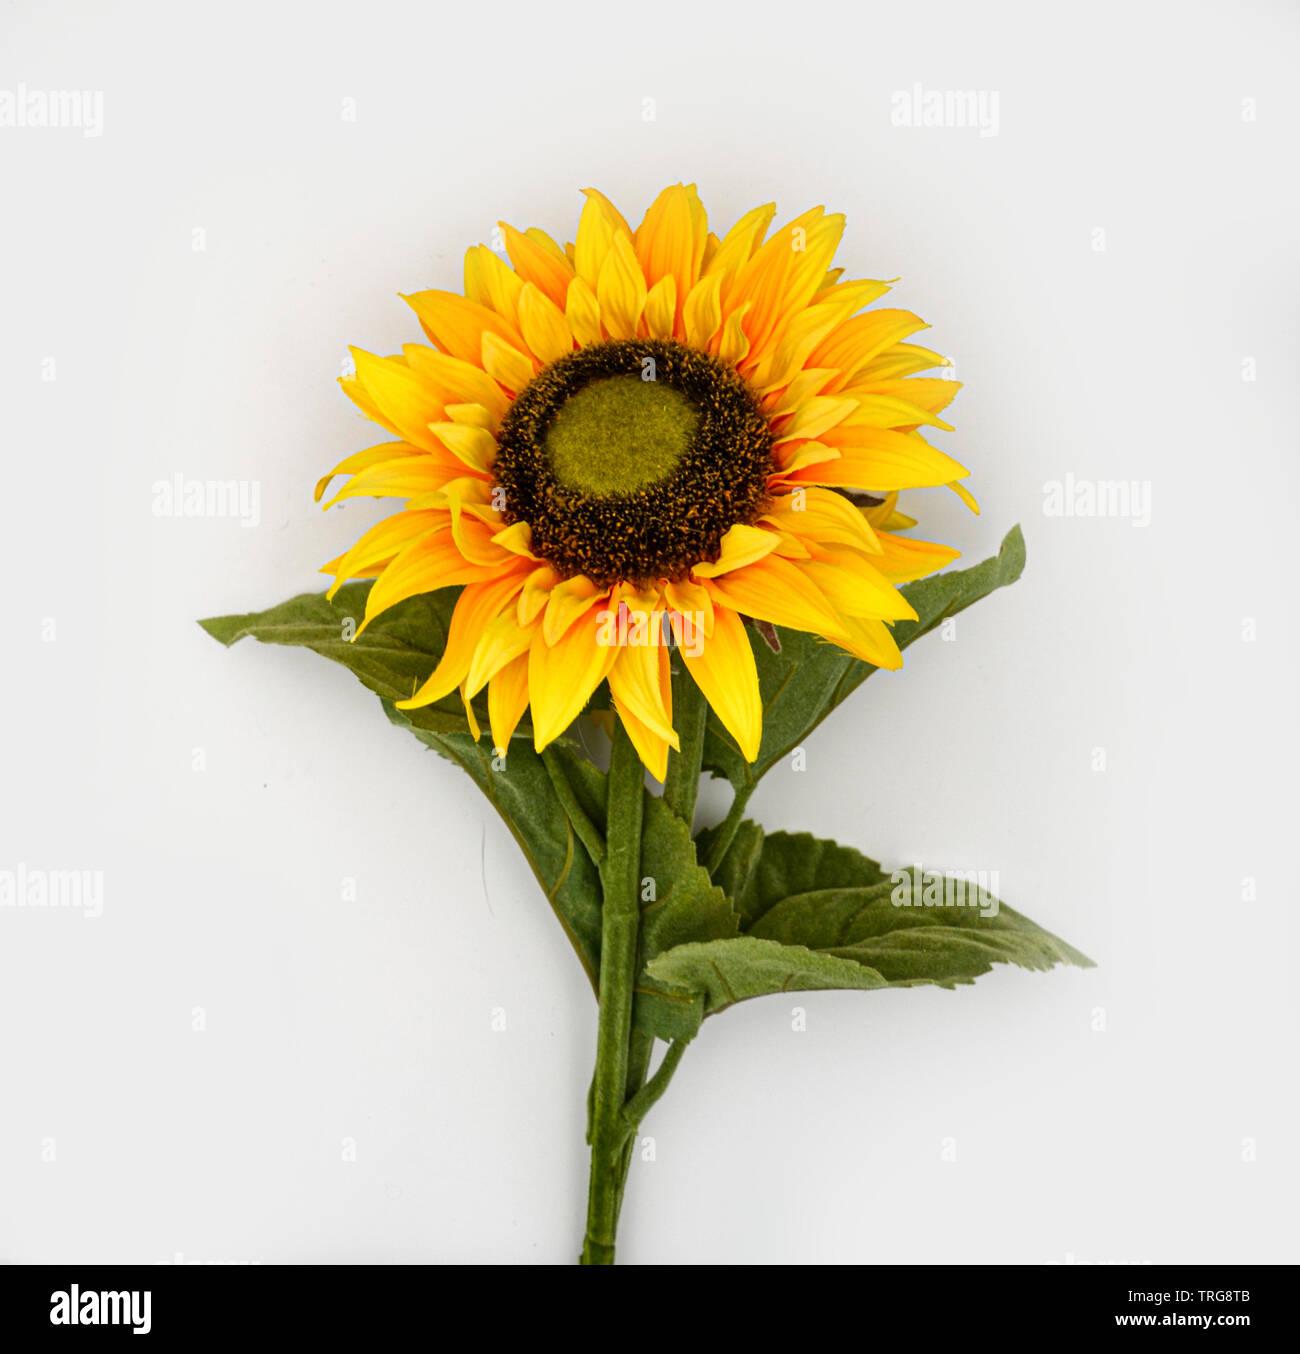 Sonnenblume / sunflower auf weißem Hintergrund / white background / Blume / Flower / Blüte / Blossom Stock Photo